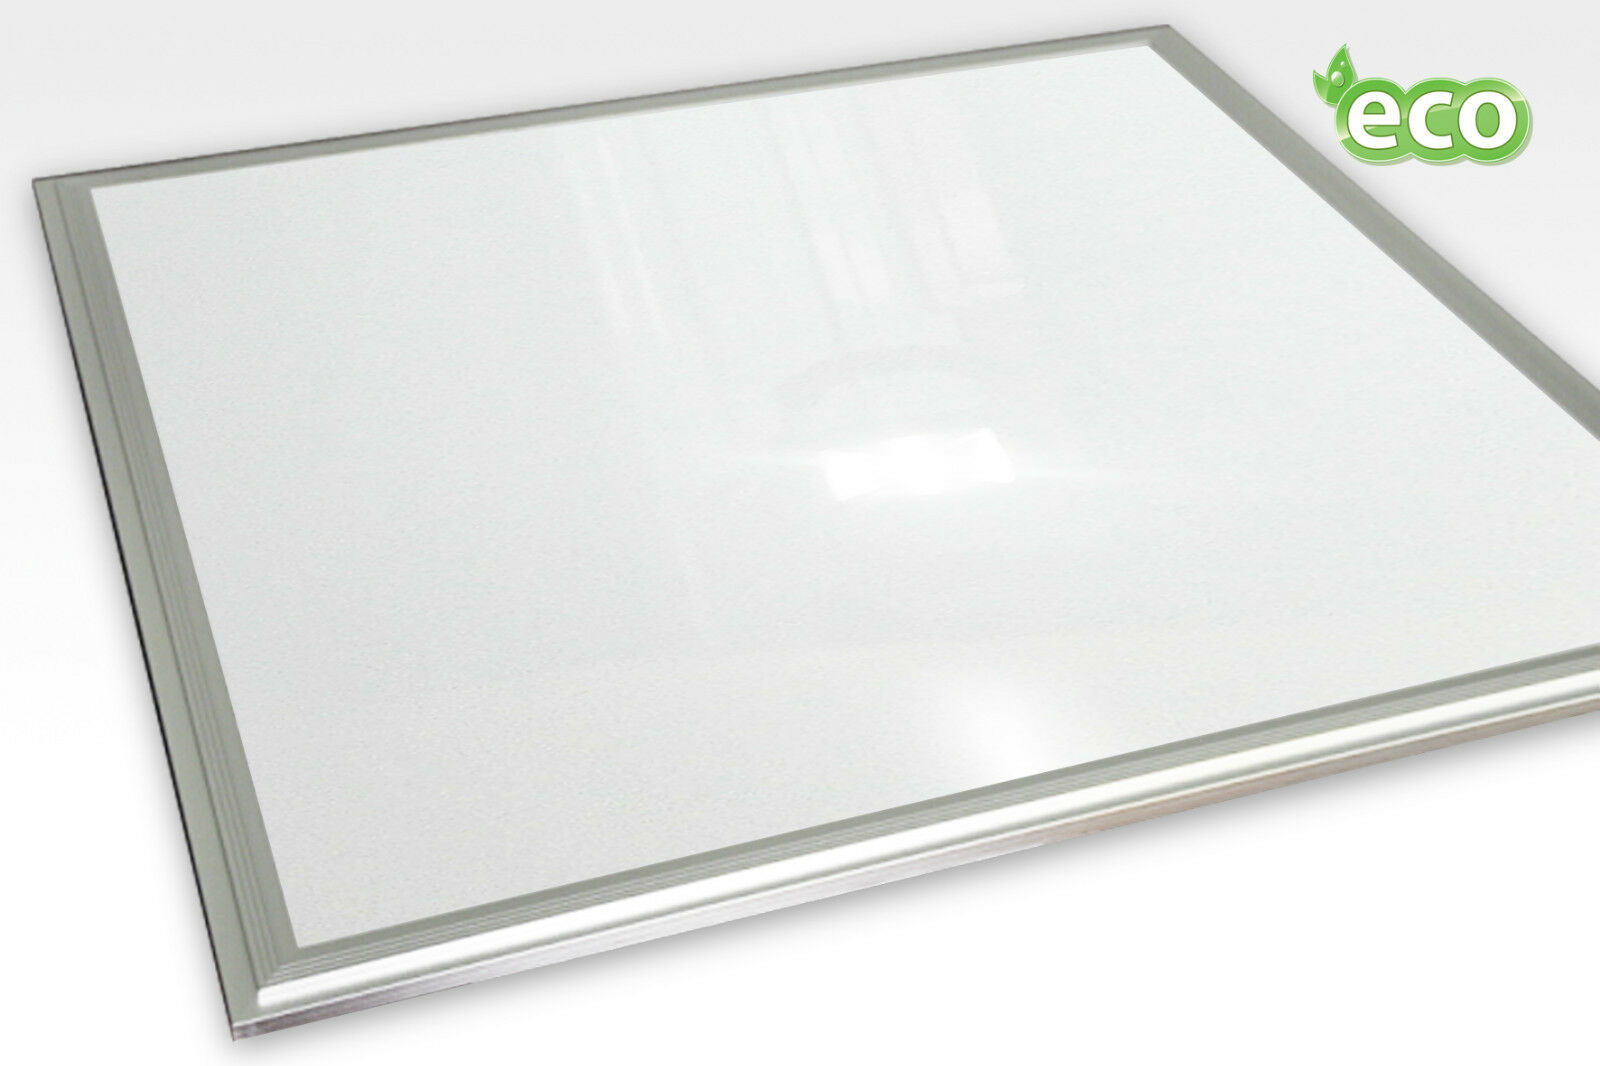 40 W LED Panel 62x62 620x620 Lampe Rasterdecke Odenwalddecke ...